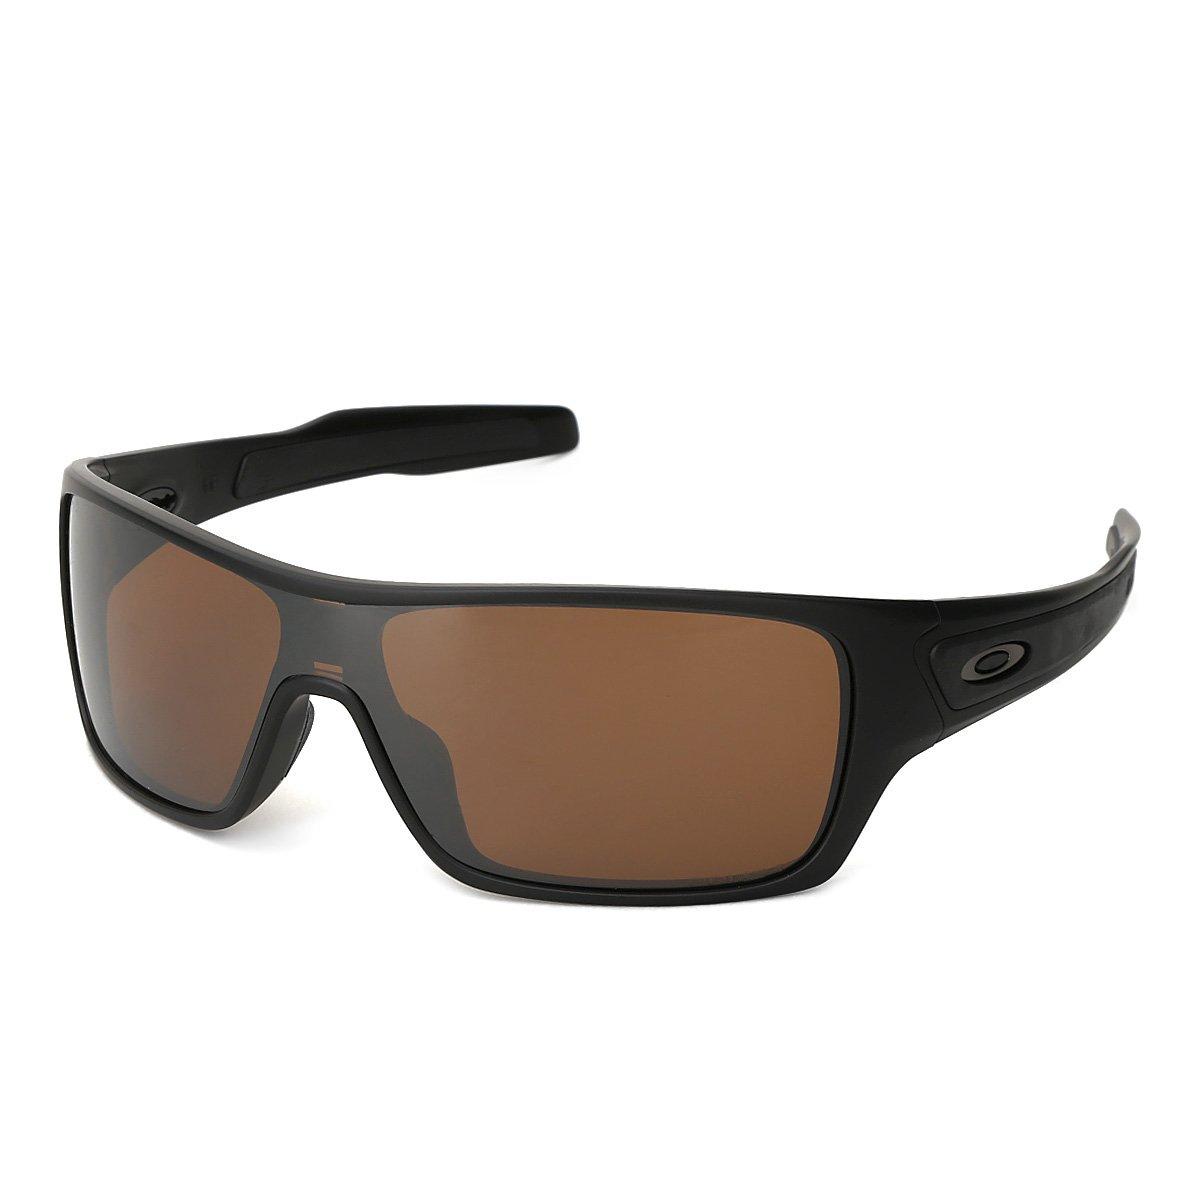 576848e5647bb Óculos de Sol Oakley Turbine Rotor Masculino - Compre Agora